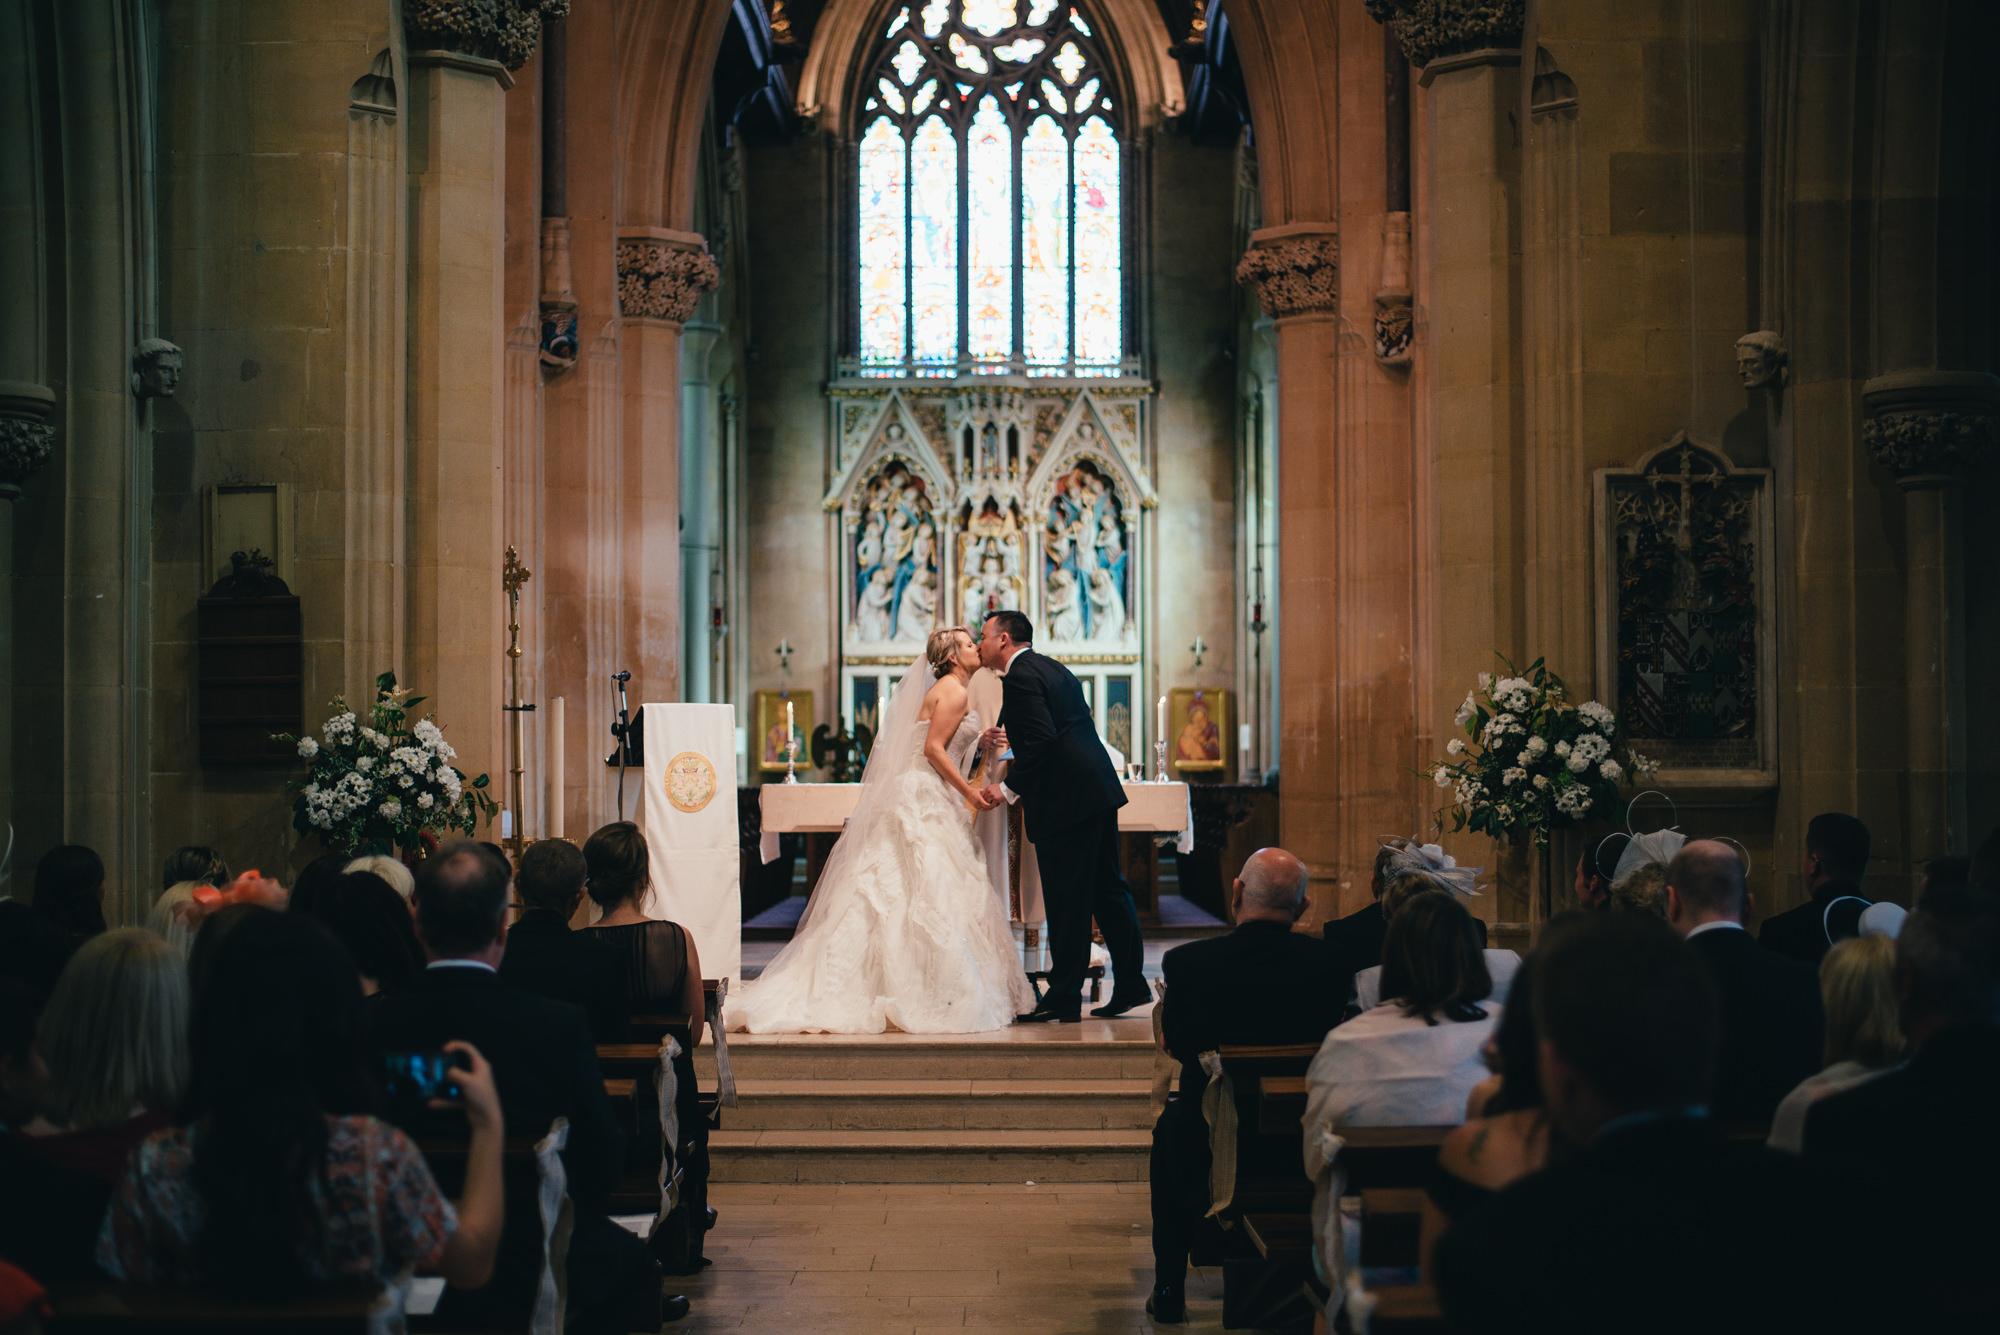 Brinsop Court Wedding Photography23